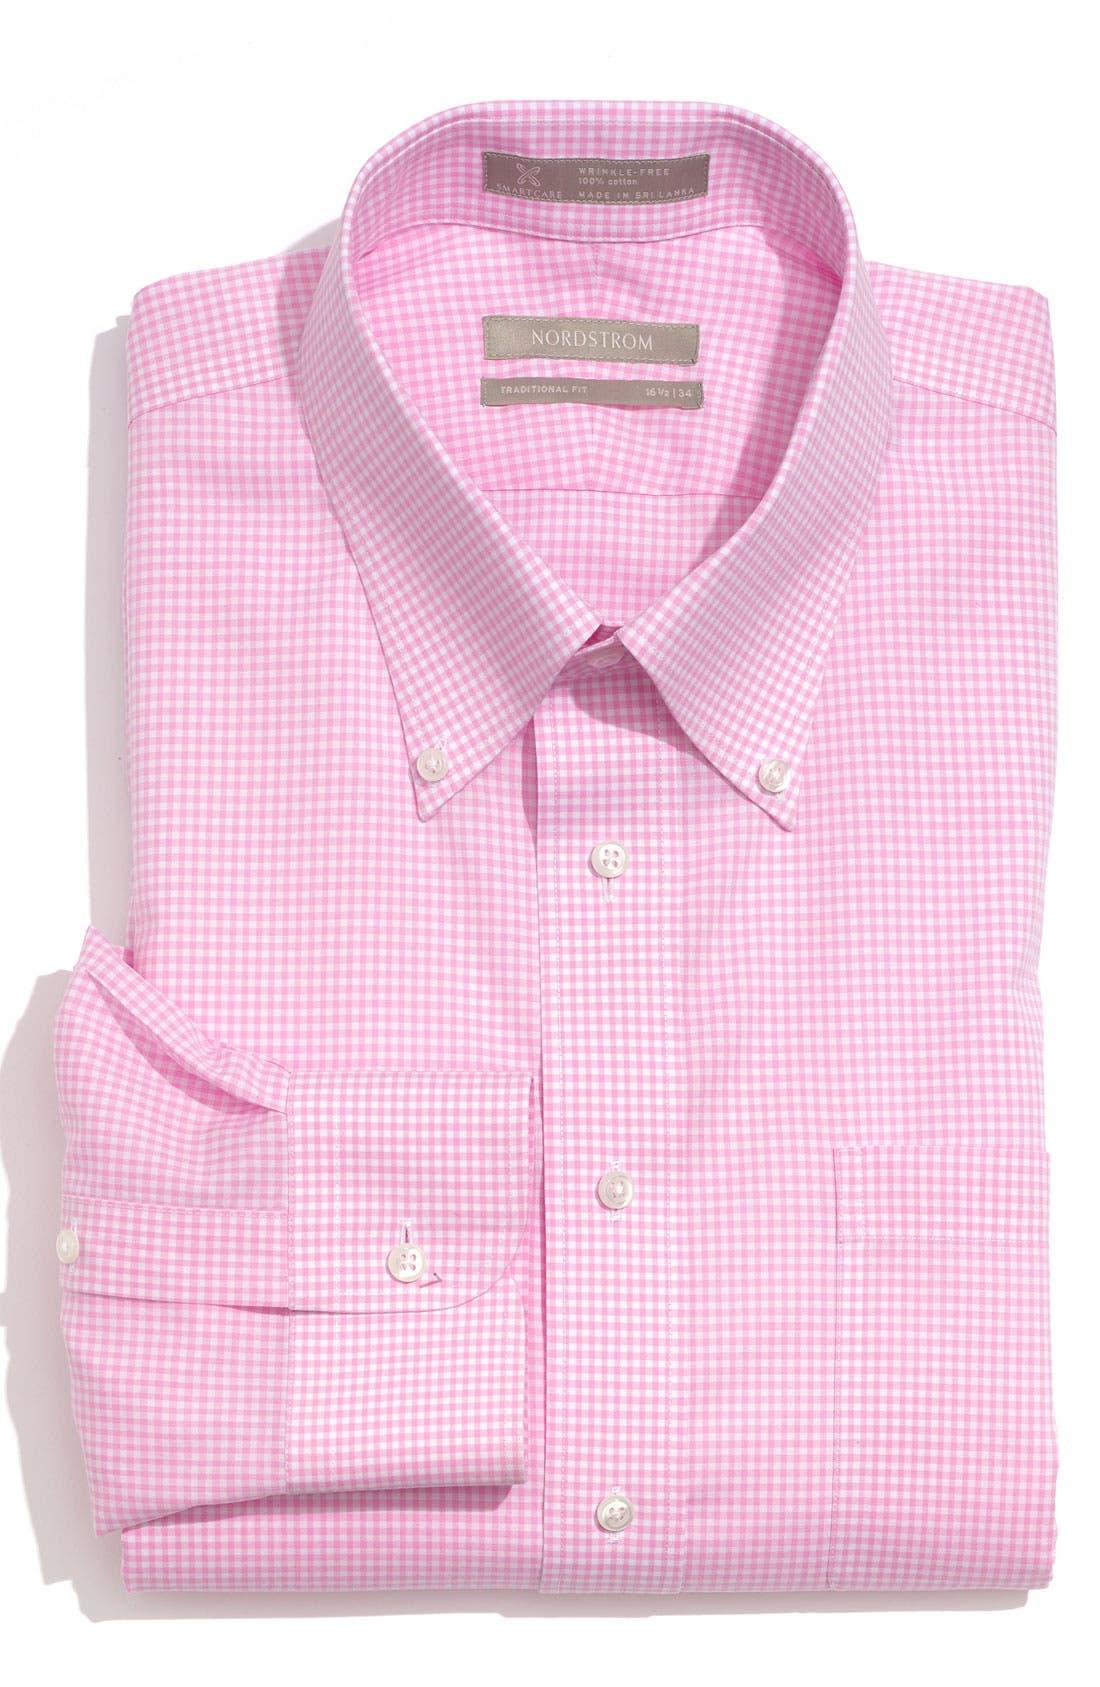 Alternate Image 1 Selected - Nordstrom Men's Shop Smartcare™ Traditional Fit Gingham Dress Shirt